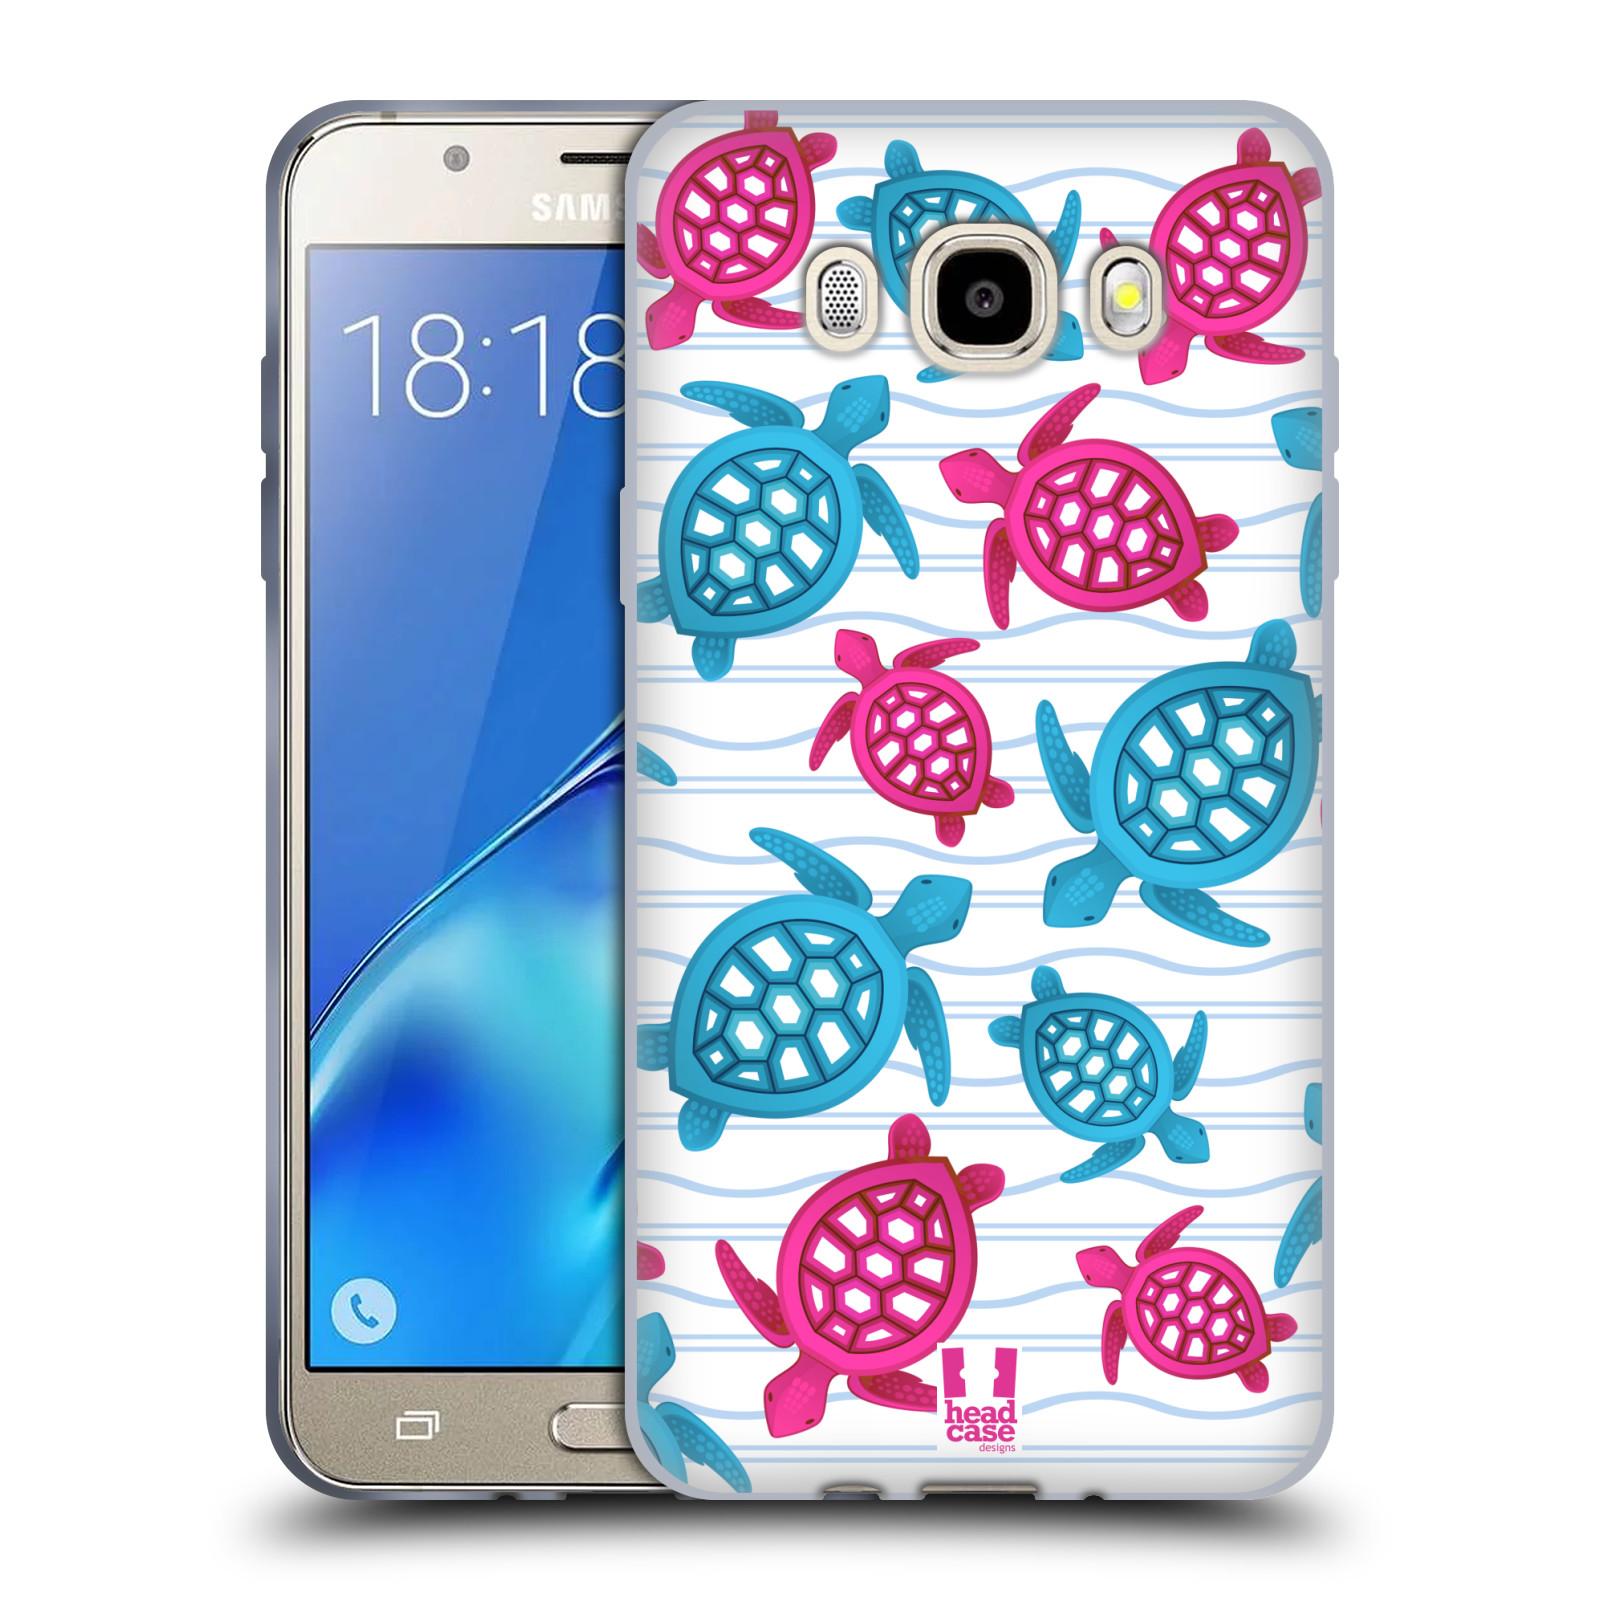 HEAD CASE silikonový obal, kryt na mobil Samsung Galaxy J5 2016, J510, J510F, (J510F DUAL SIM) vzor mořský živočich želva modrá a růžová